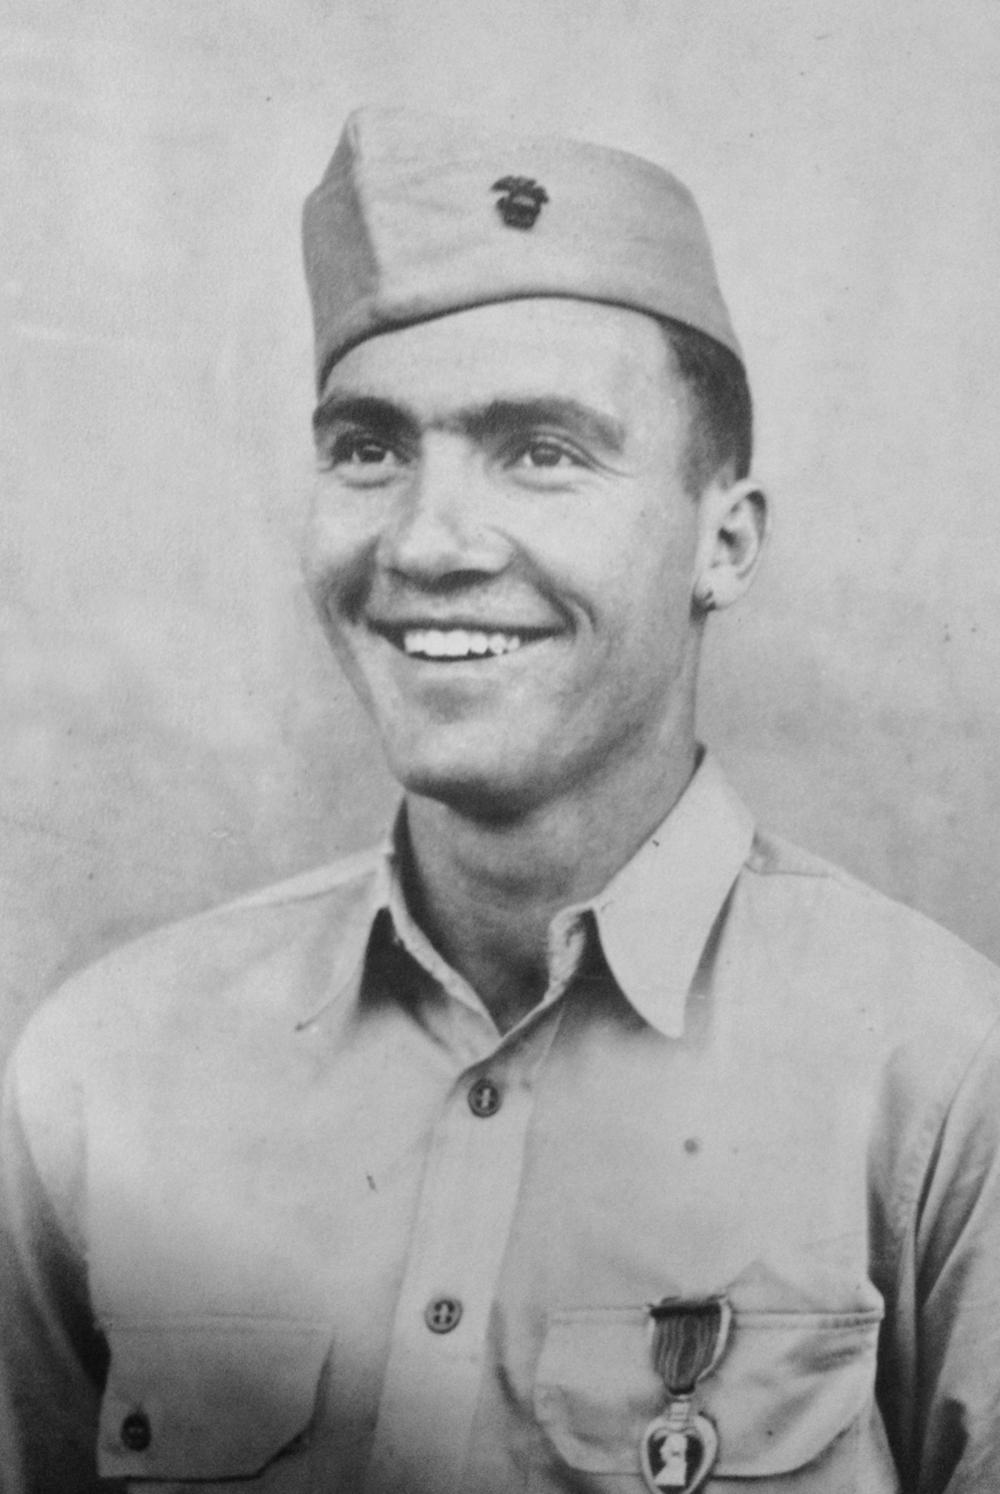 Ray, circa 1944